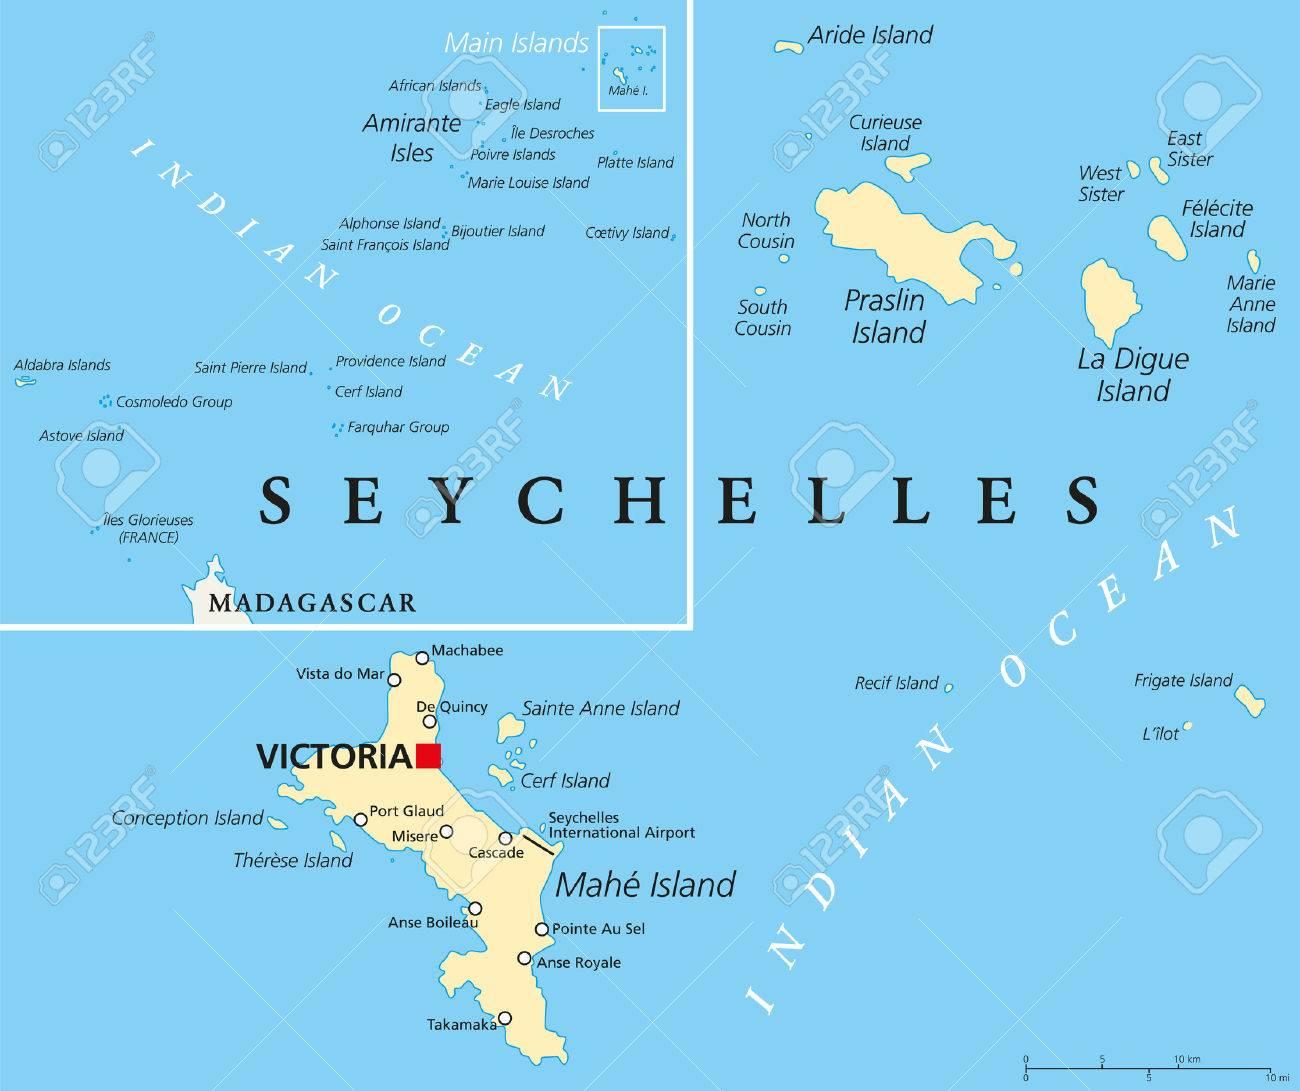 Seychelles Mapa Politico Con Capital De Victoria Ciudades E Islas Importantes Y Un Mapa General De Todo El Archipielago Etiquetado Y Escalado